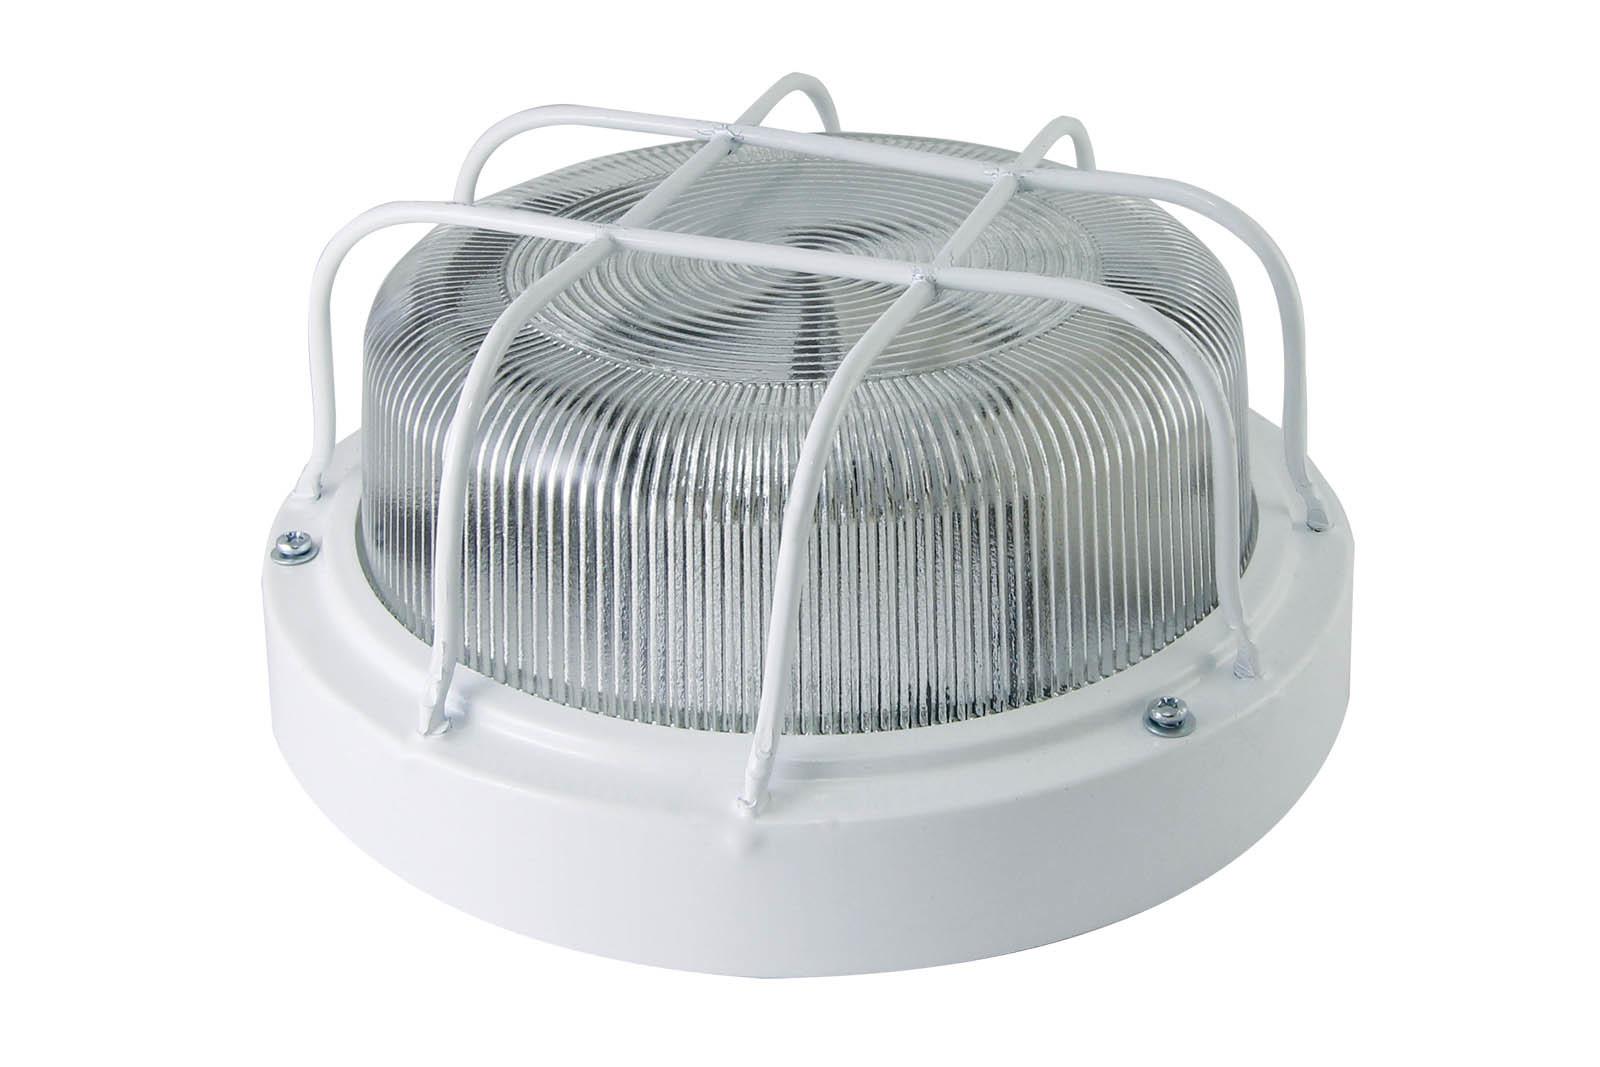 Светильник Tdm НПП 03-100-103 нпп орион 260 автомат 0 7а 12в линейный амперм